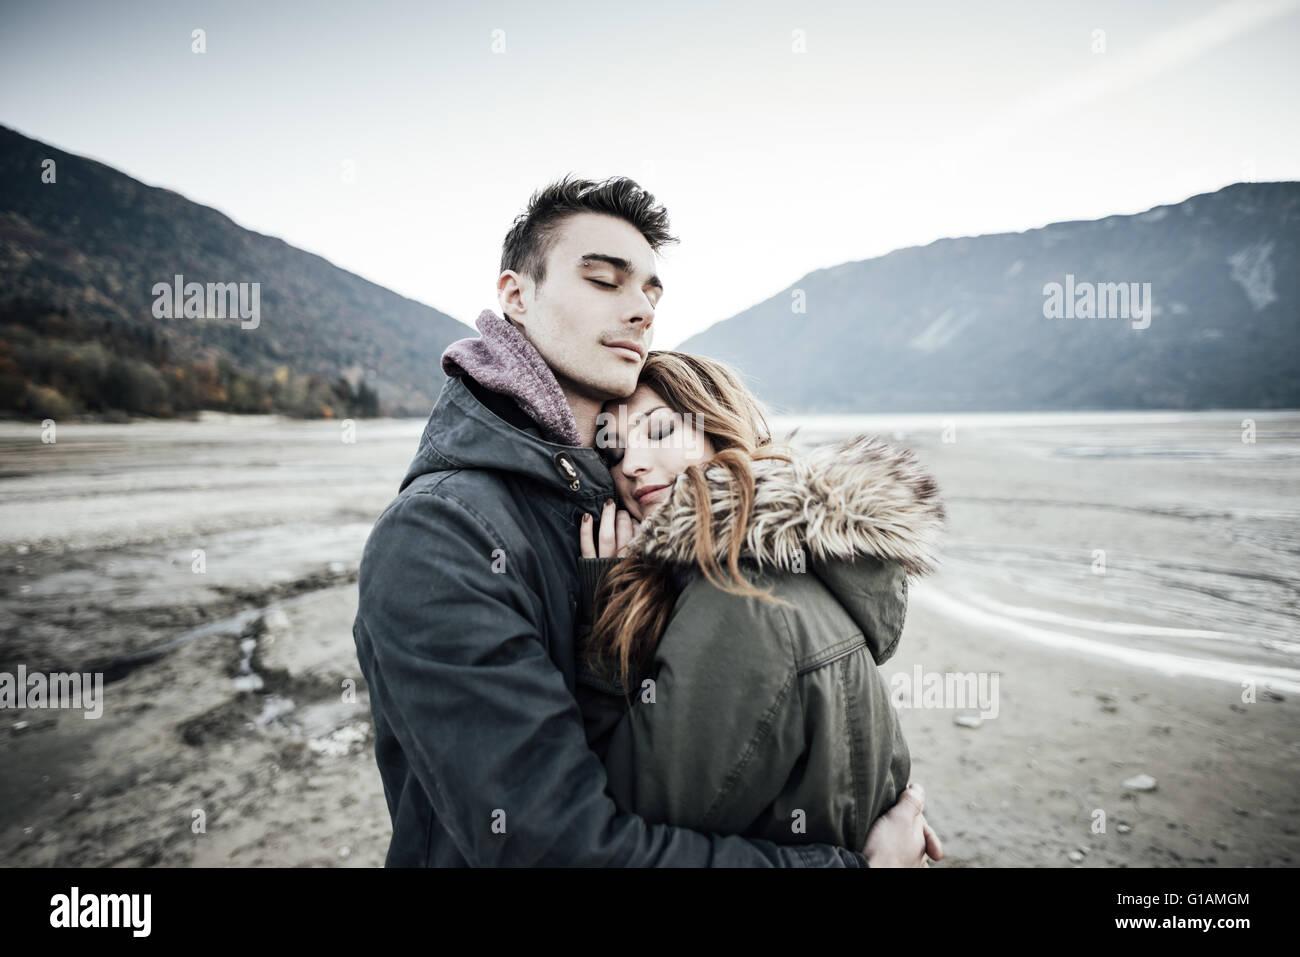 Jeune couple aimant s'étreindre, lac et montagnes en arrière-plan, l'amour et la romance concept Photo Stock